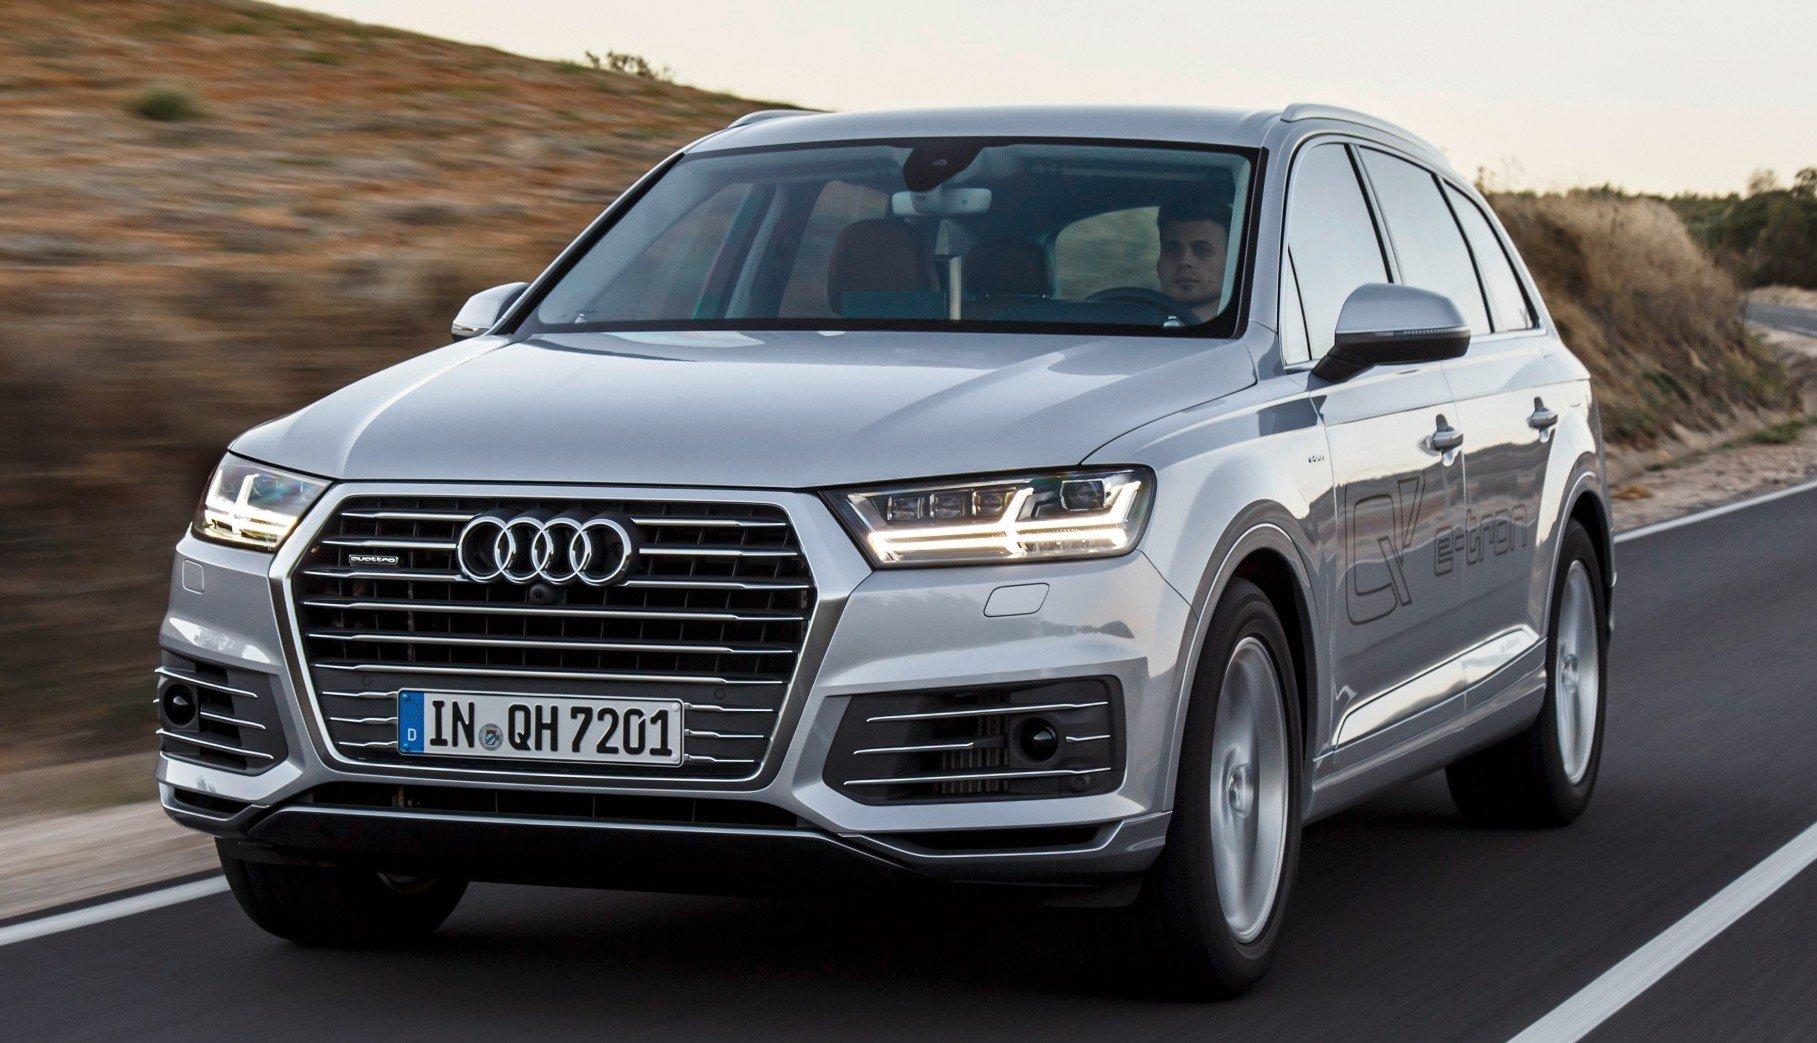 Audi e tron suv canada